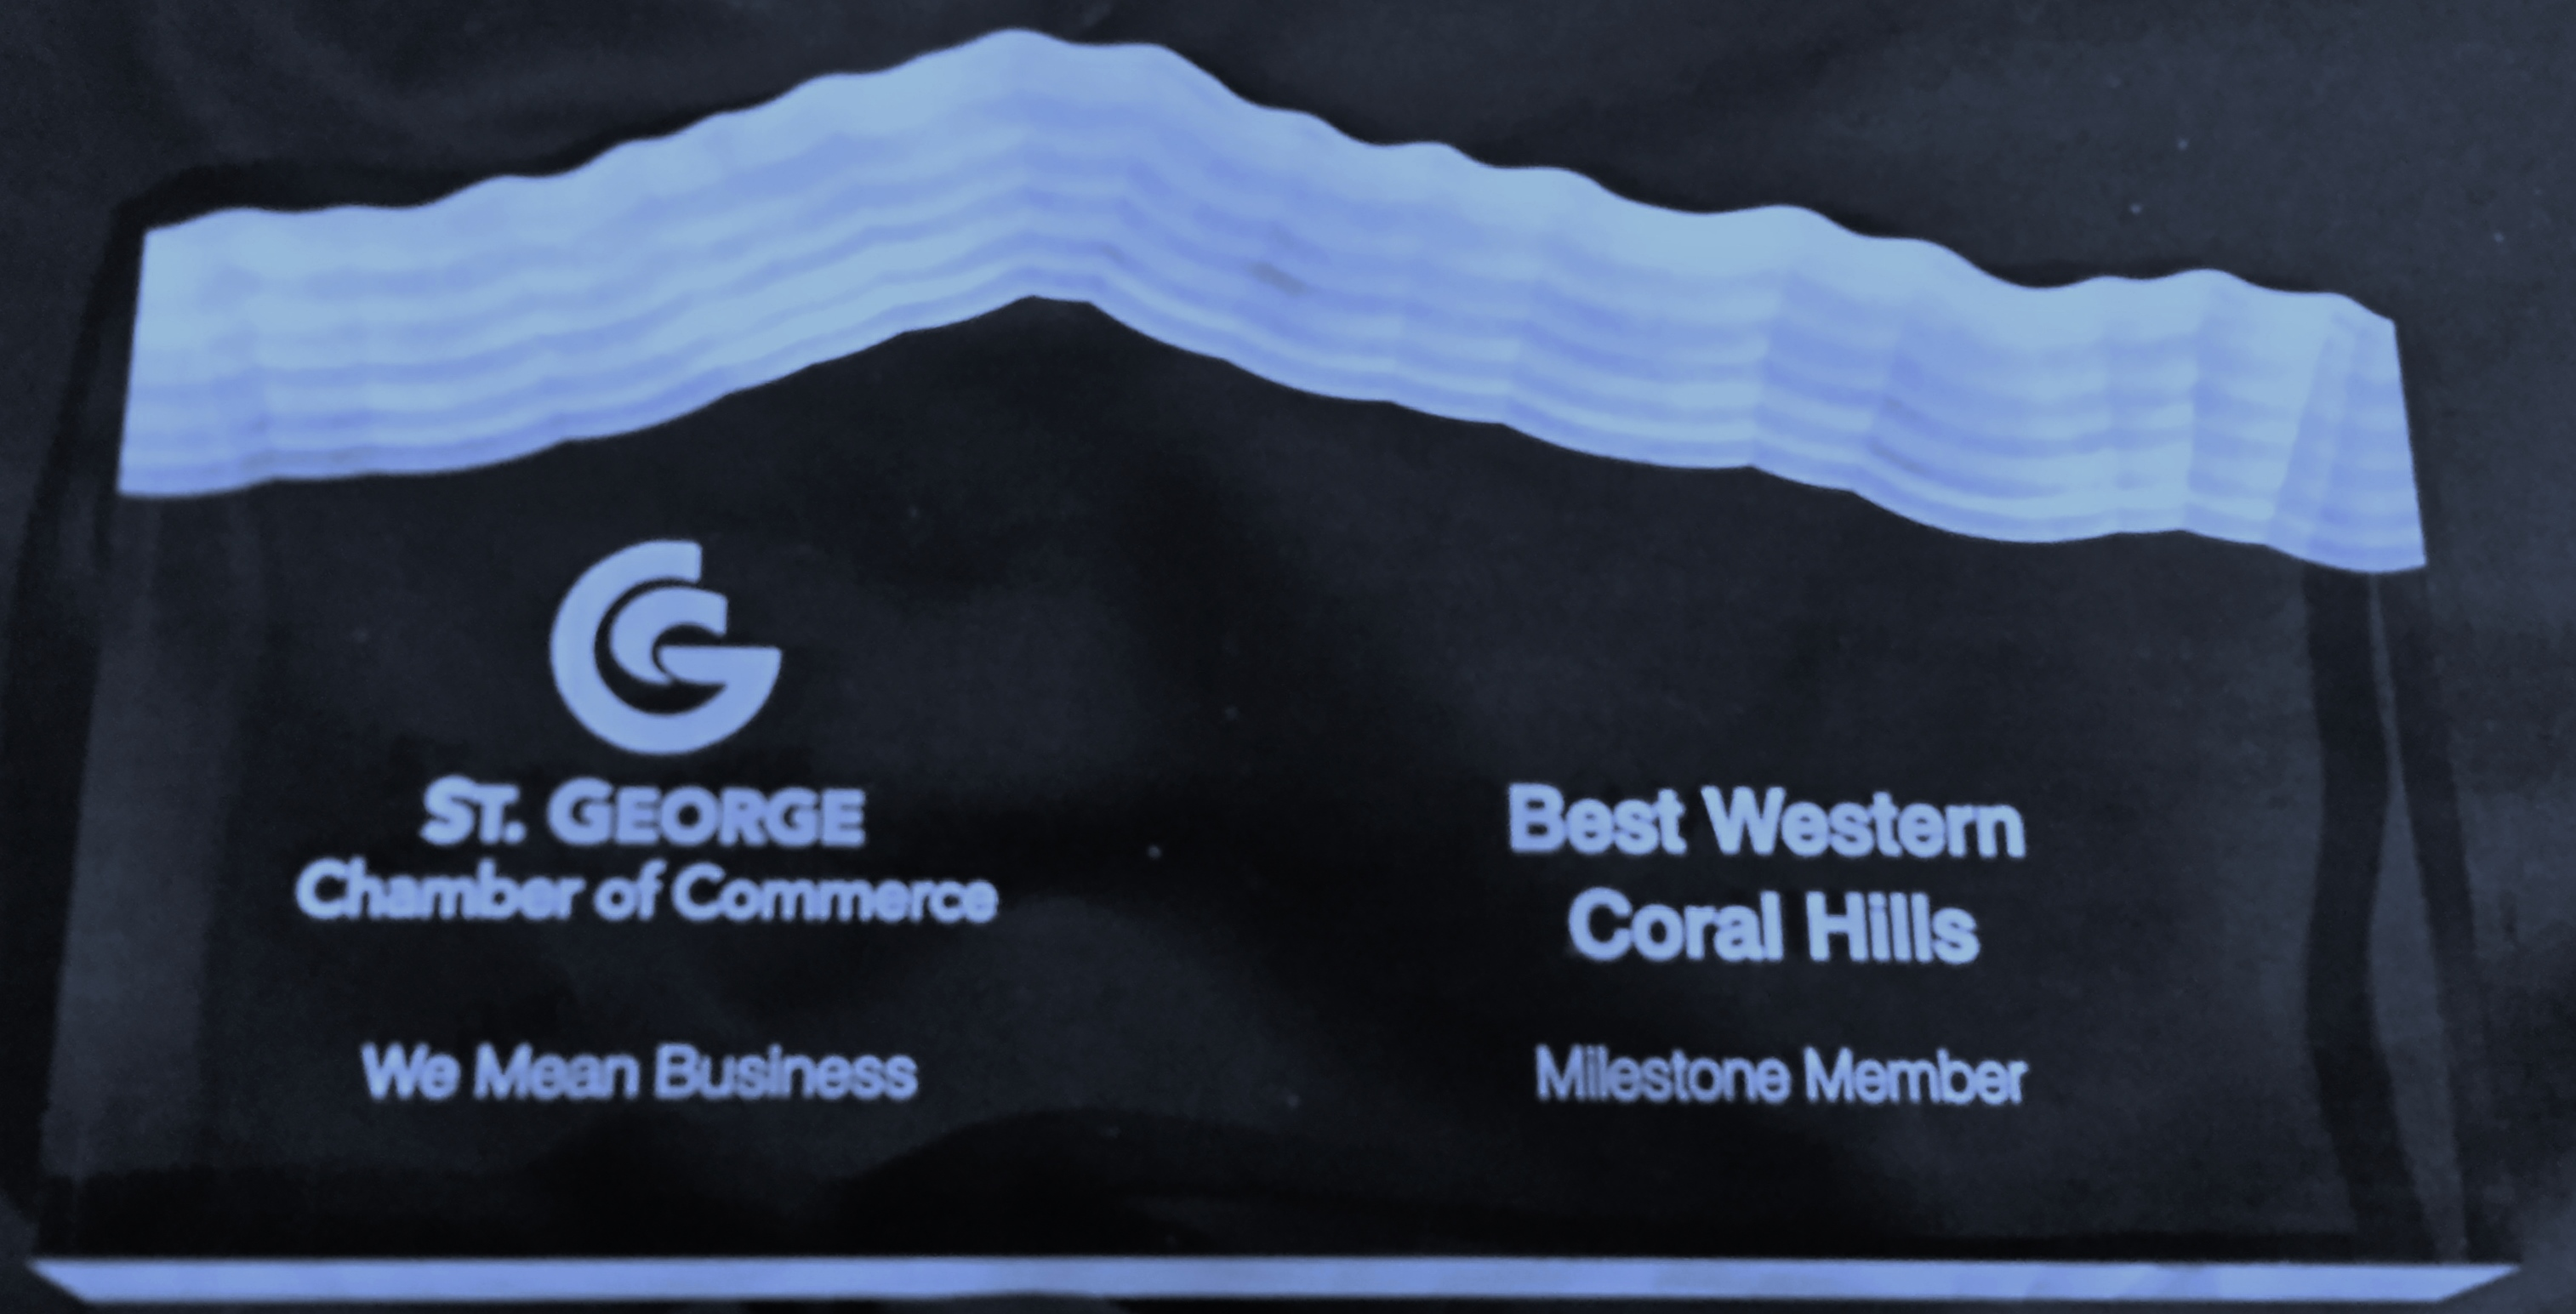 Milestone Member Award